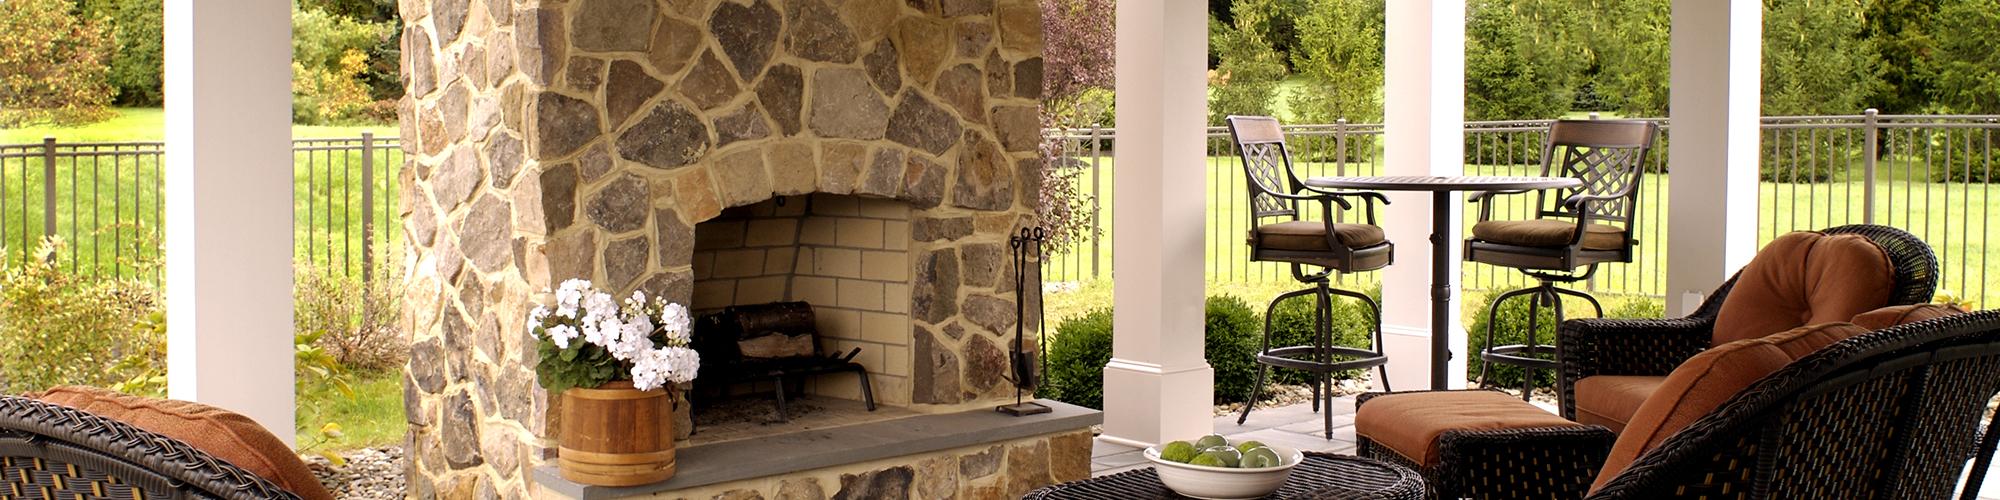 fireplace installation new city ny